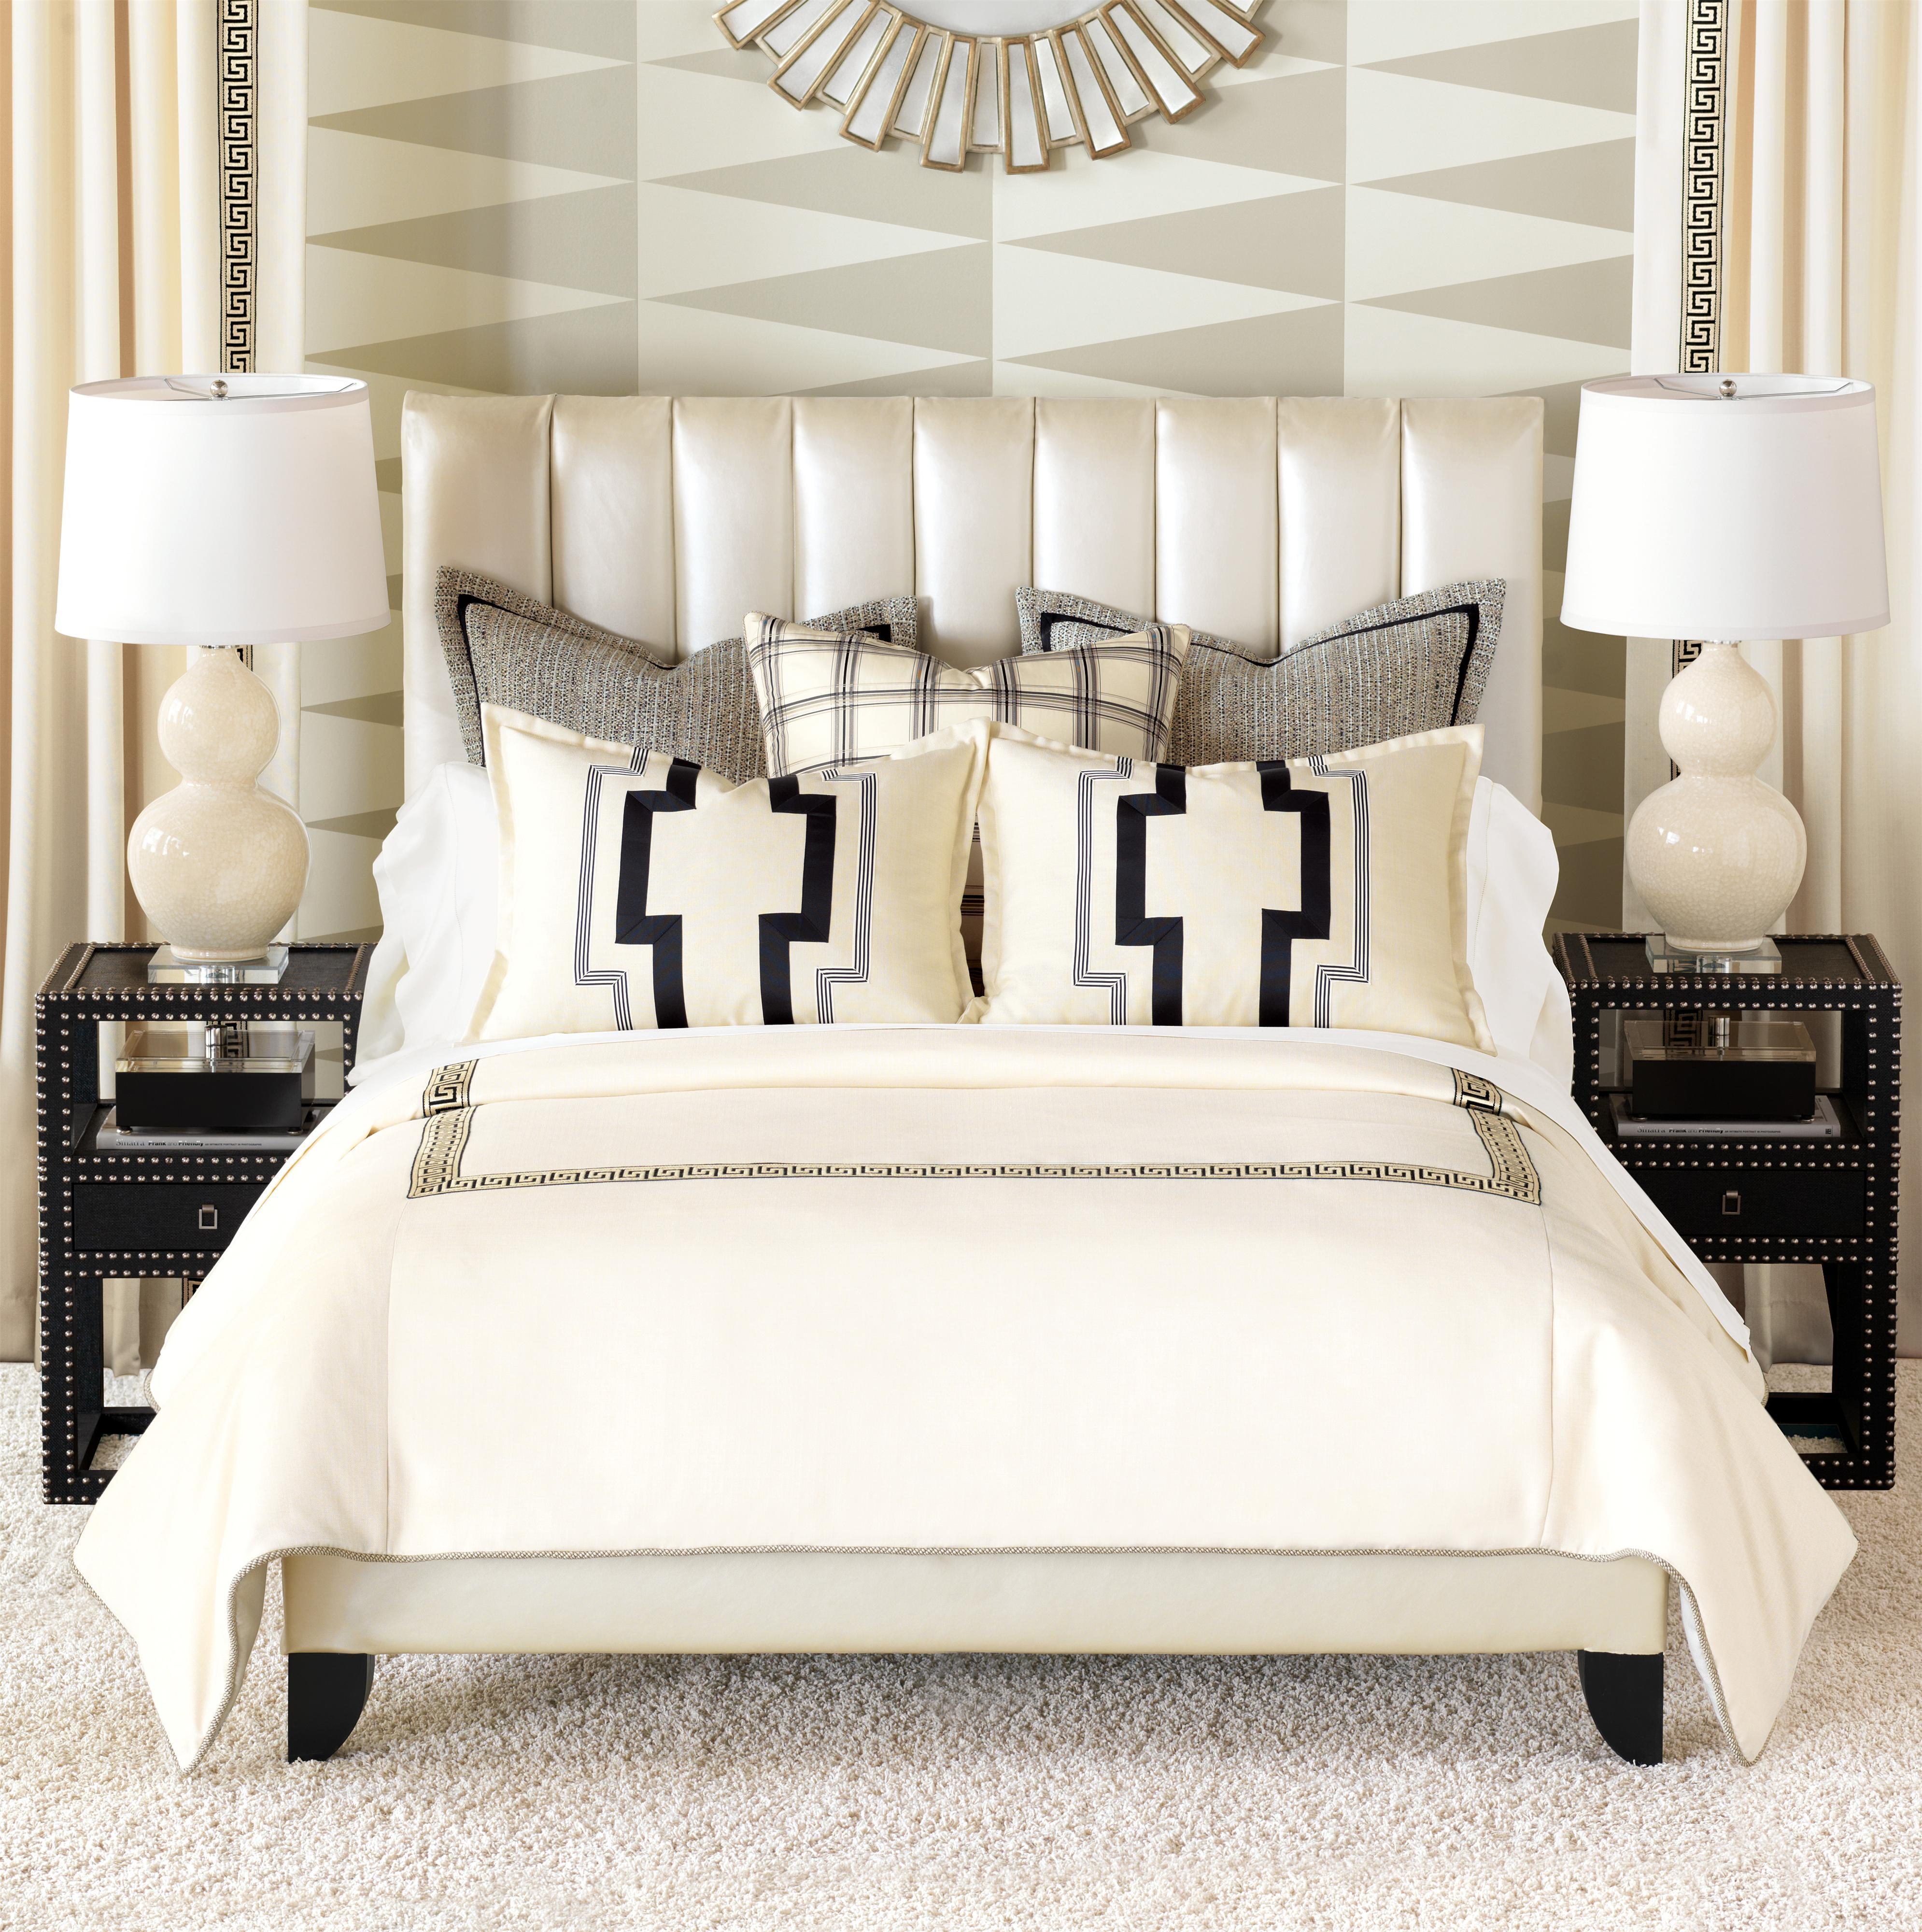 King Bedset